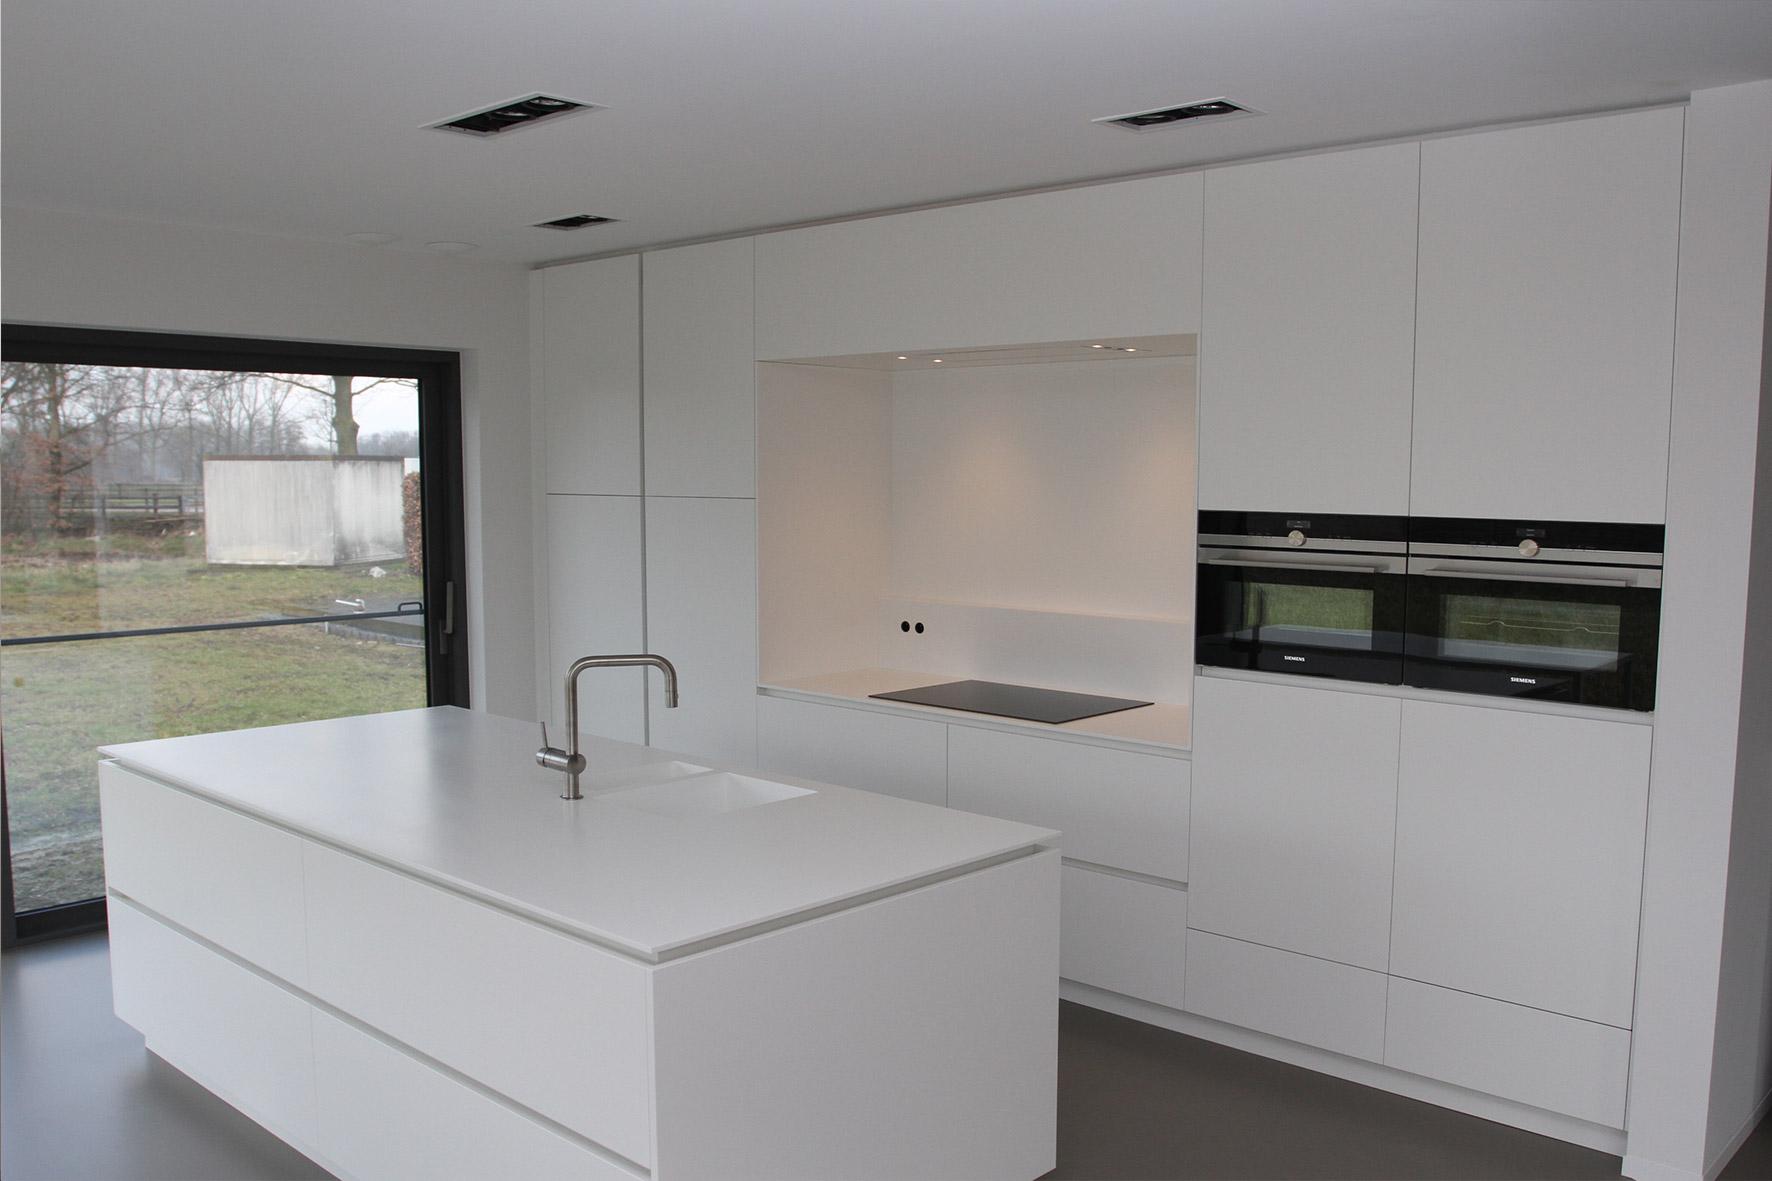 Keuken greeploos wit - Werkblad graniet prijzen keuken ...